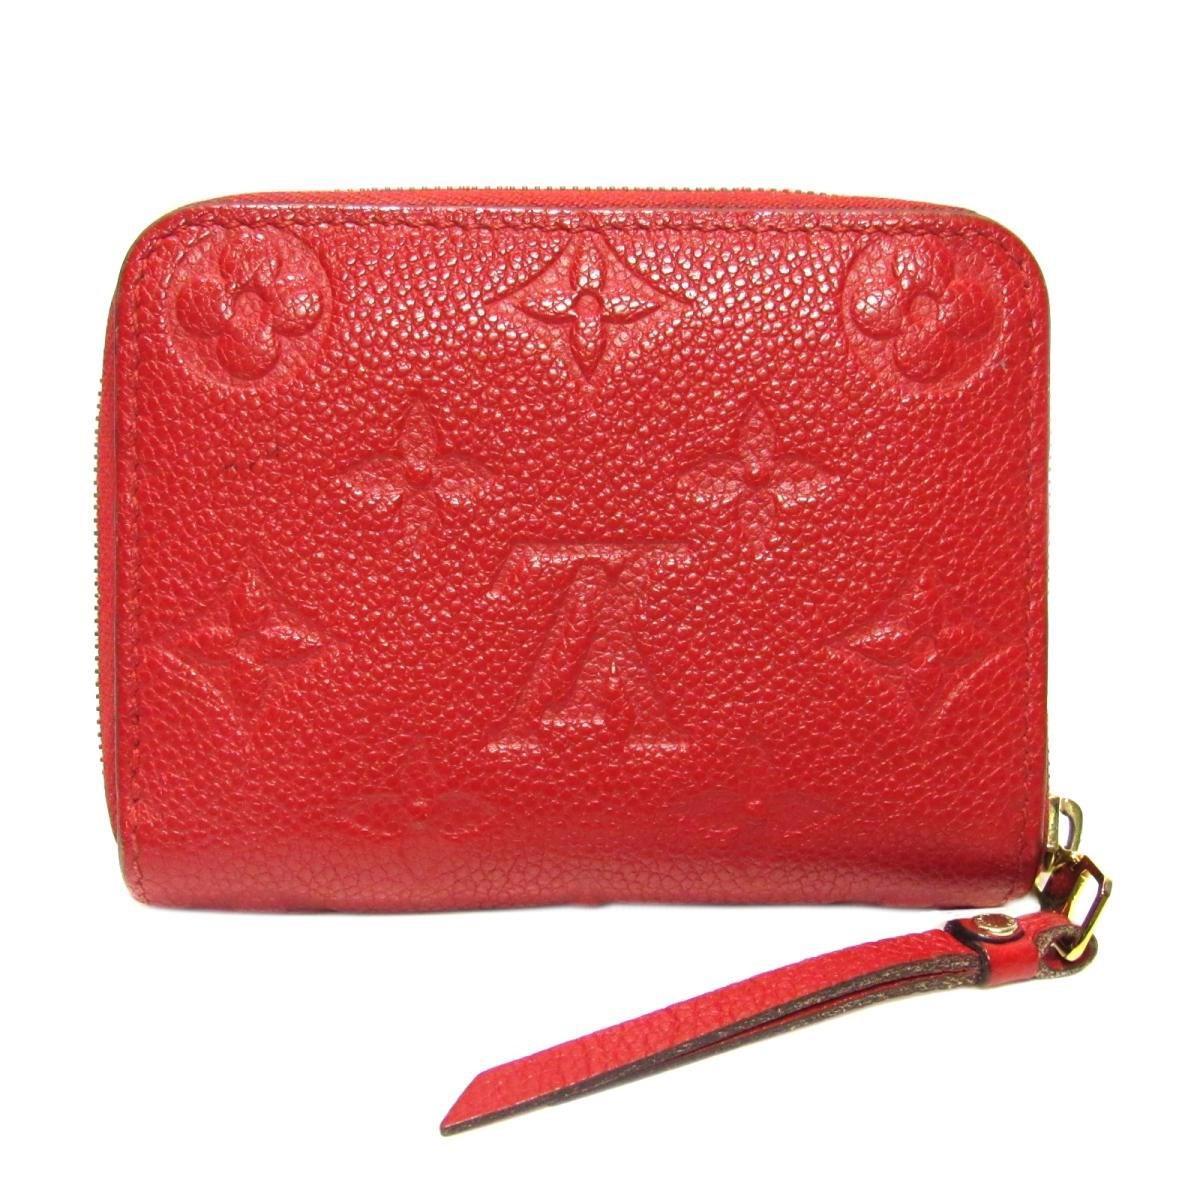 ce485f5ac7e Lyst - Louis Vuitton Auth Zippy Wallet Purse Coin Case M60740 ...